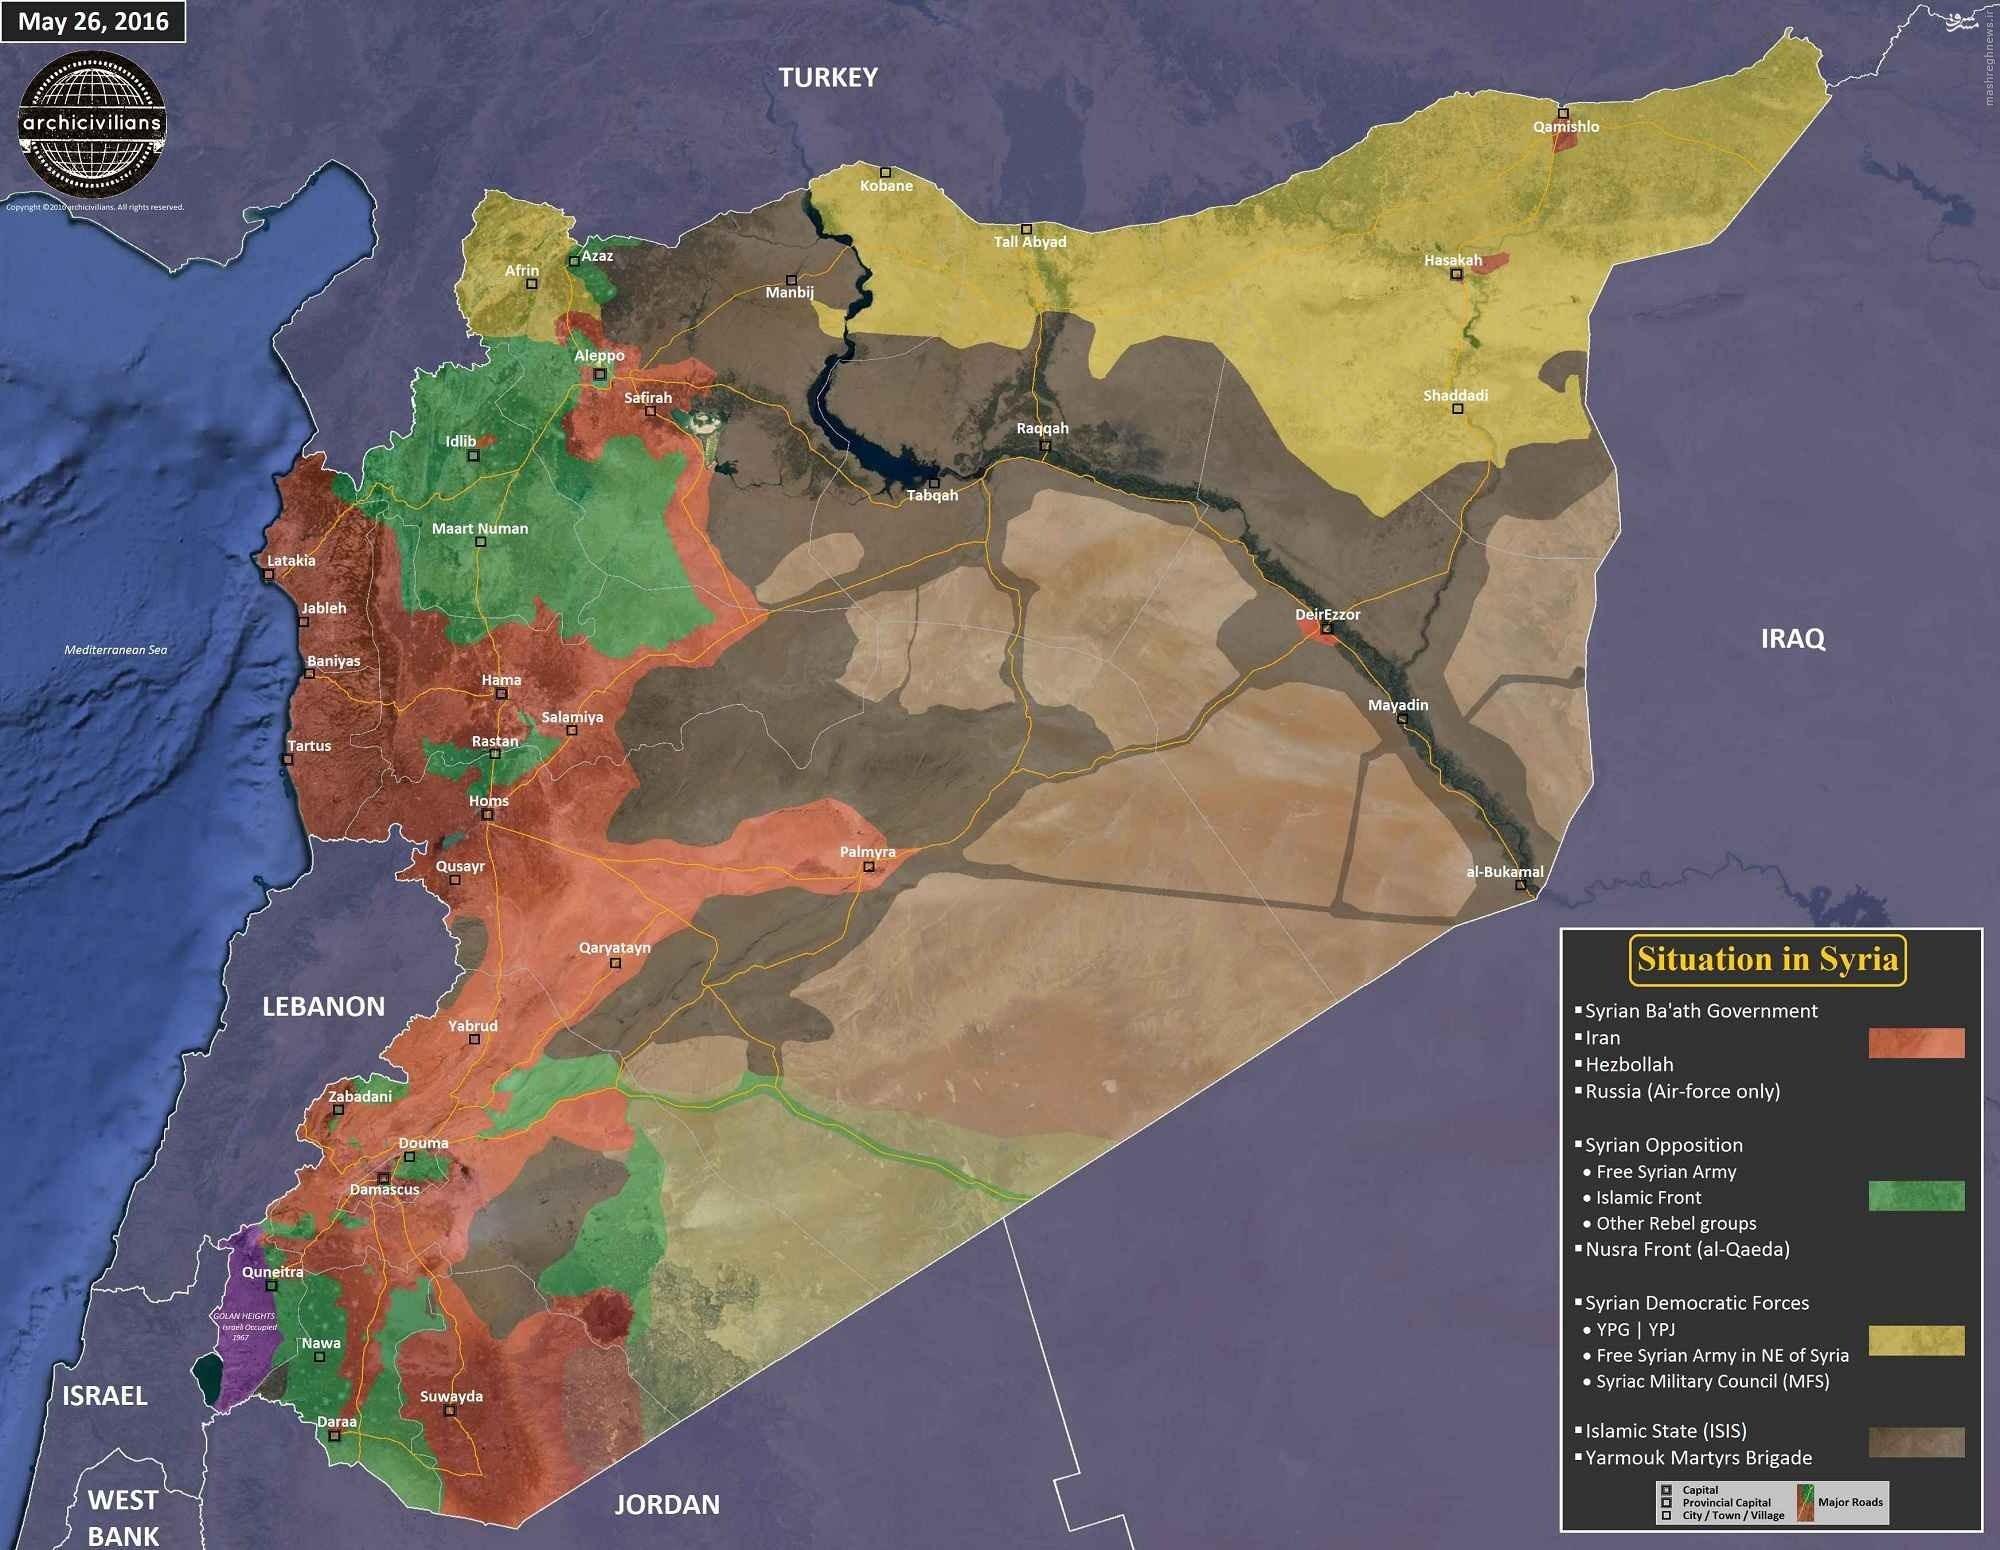 دلایل افزایش محبویت حزب الله/ آمادگی داعش برای حمله شیمایی به اروپا